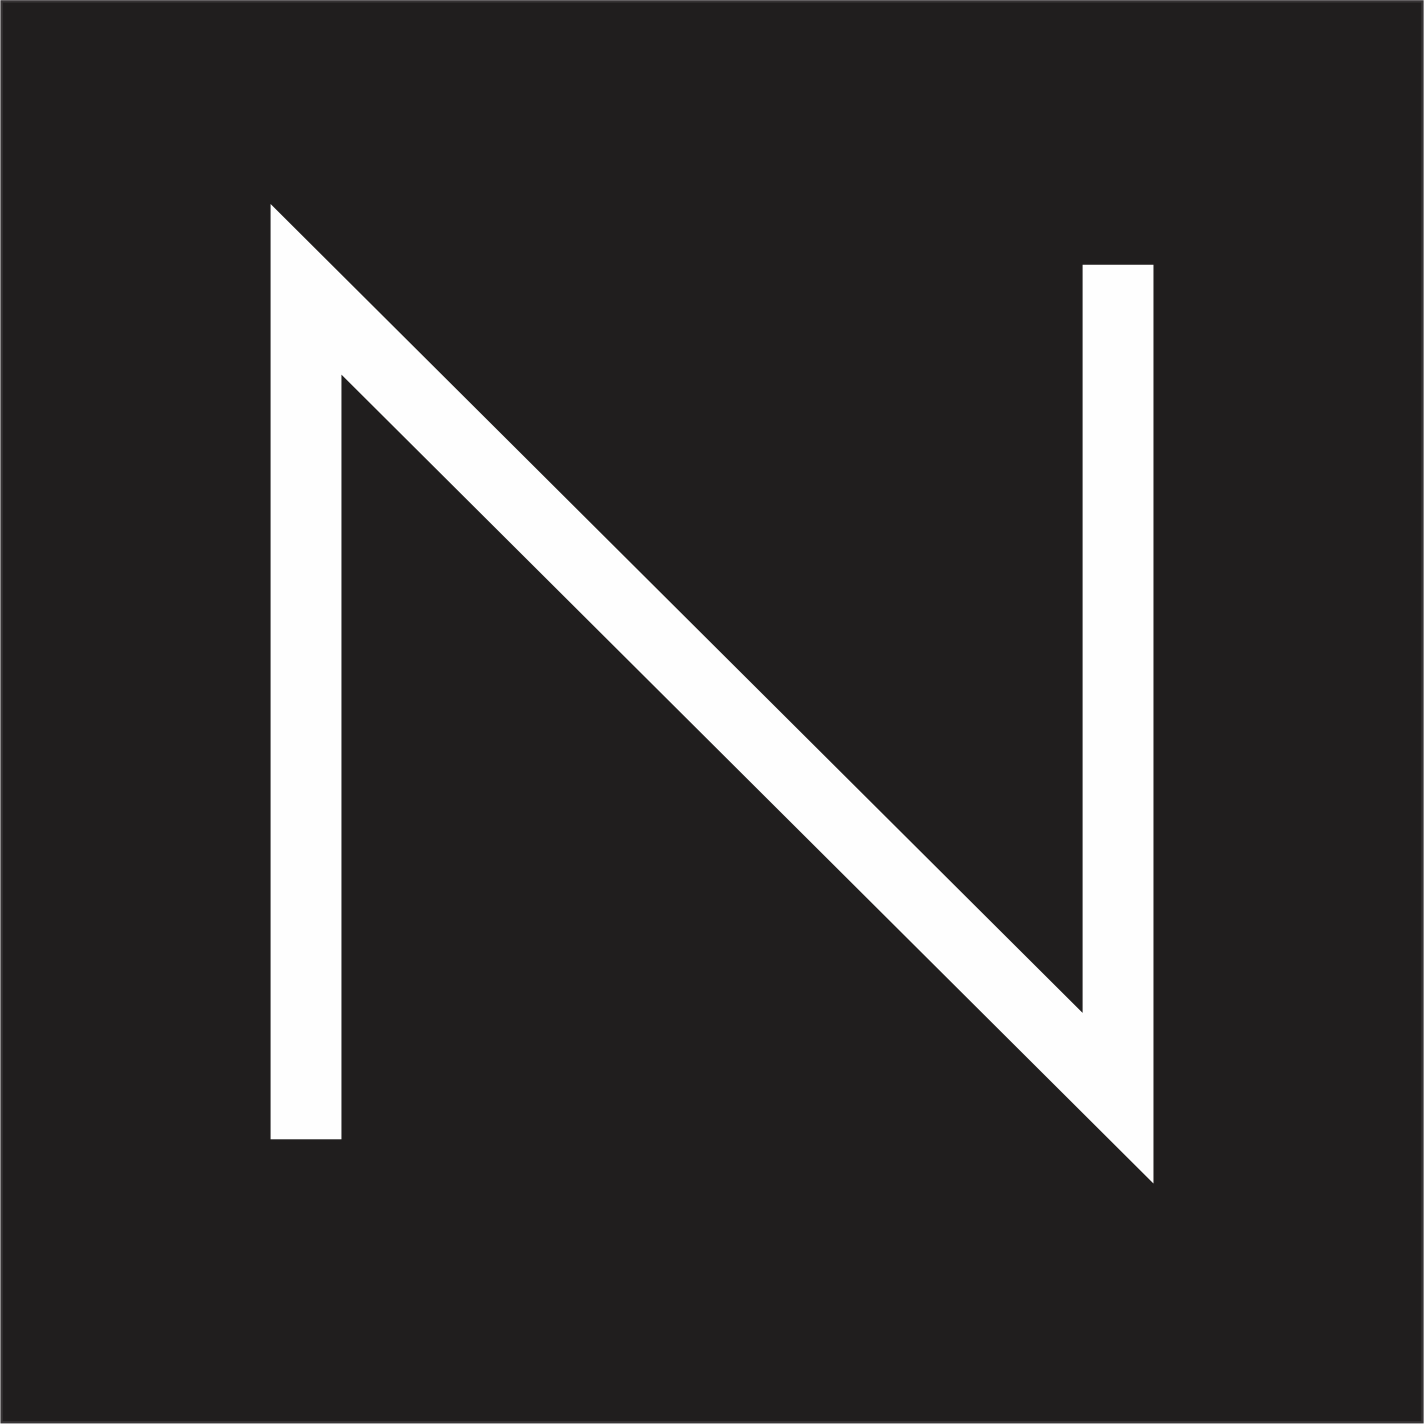 Studio Nowa - Branding & Web